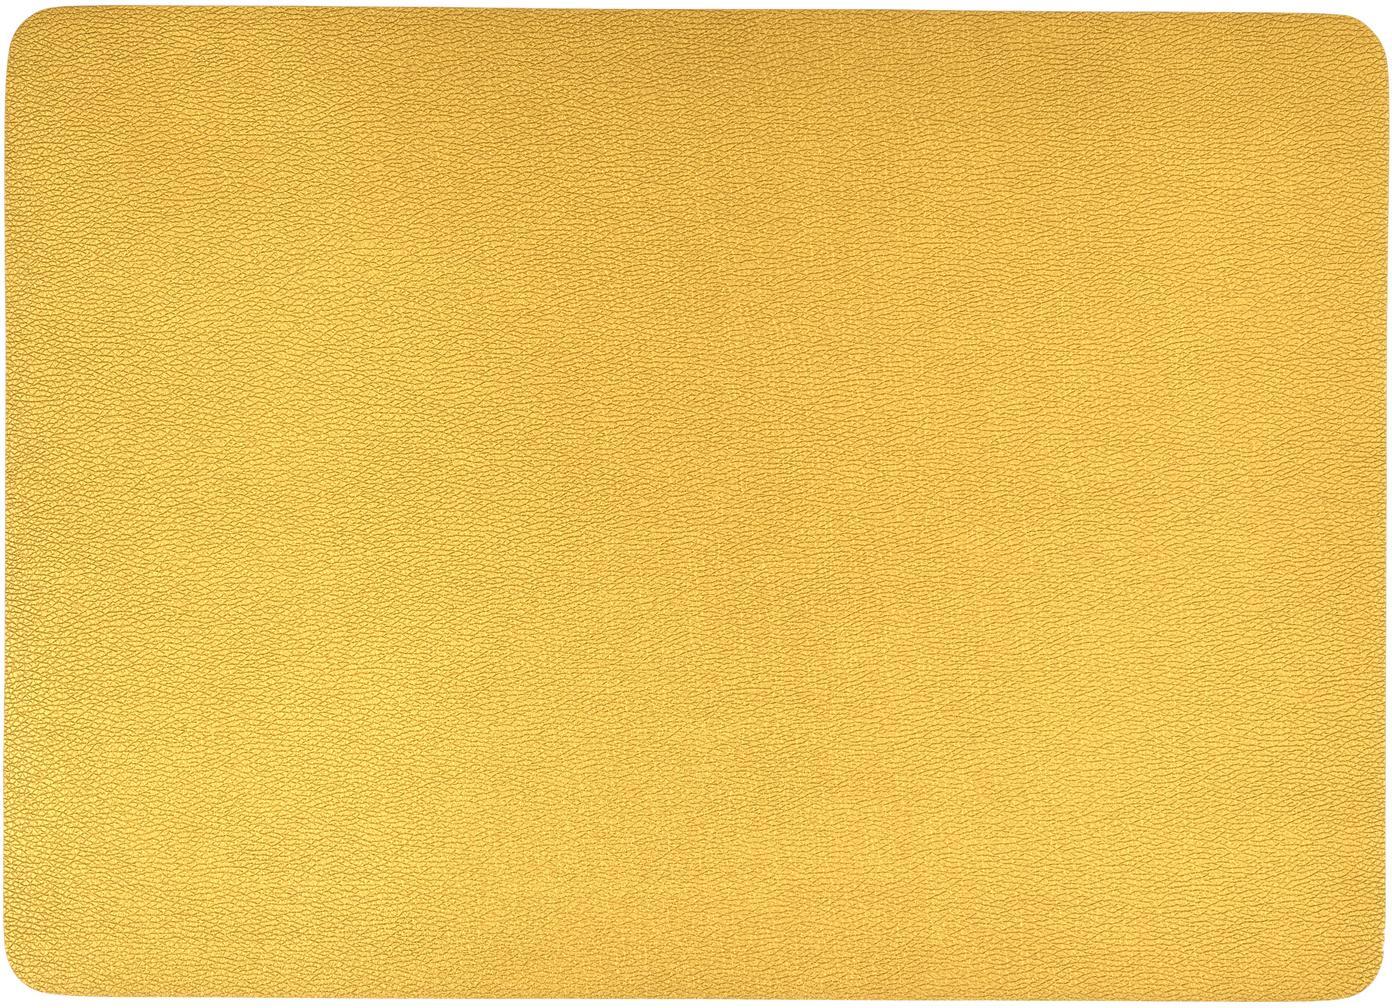 Manteles individuales de cuero sintético Pik, 2uds., Plástico (PVC) es aspecto de cuero, Dorado, An 33x L 46 cm